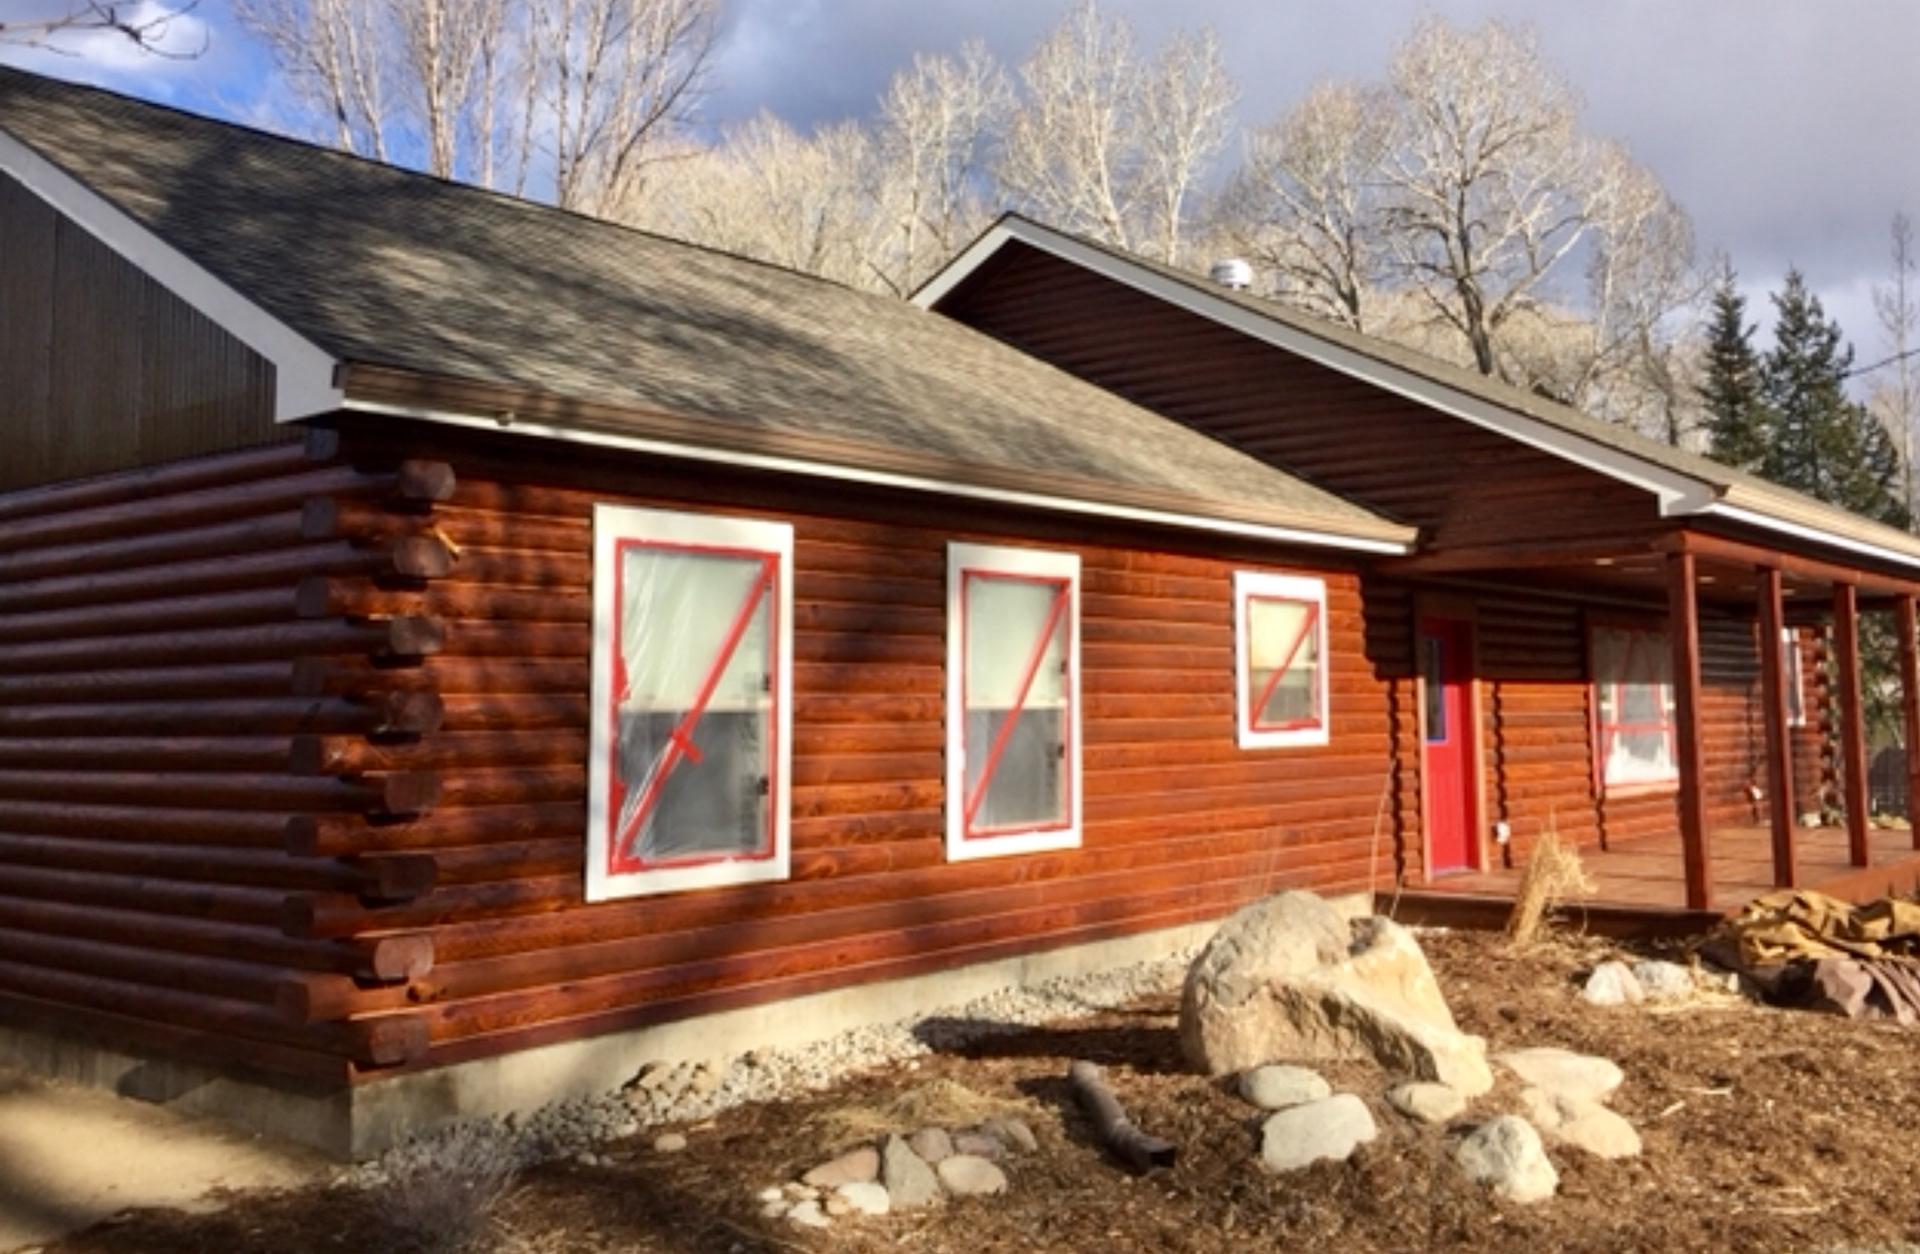 in realtor denver mou photos com to expensive mountain most facebook cabins o n according huffpost top colorado